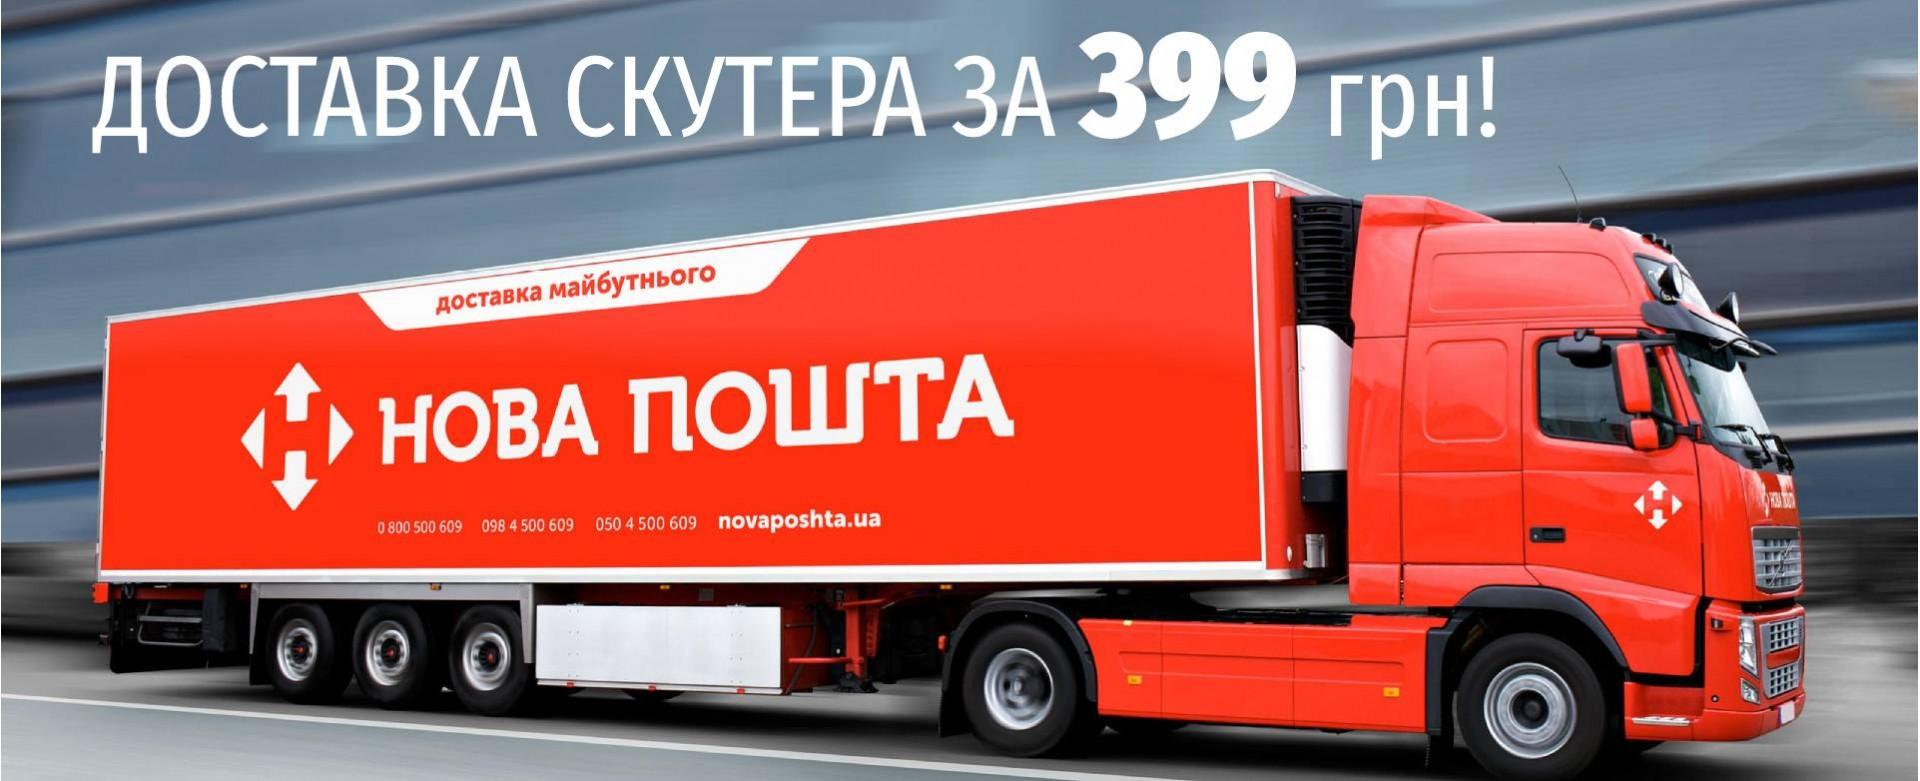 Доставка скутера за 399 грн!